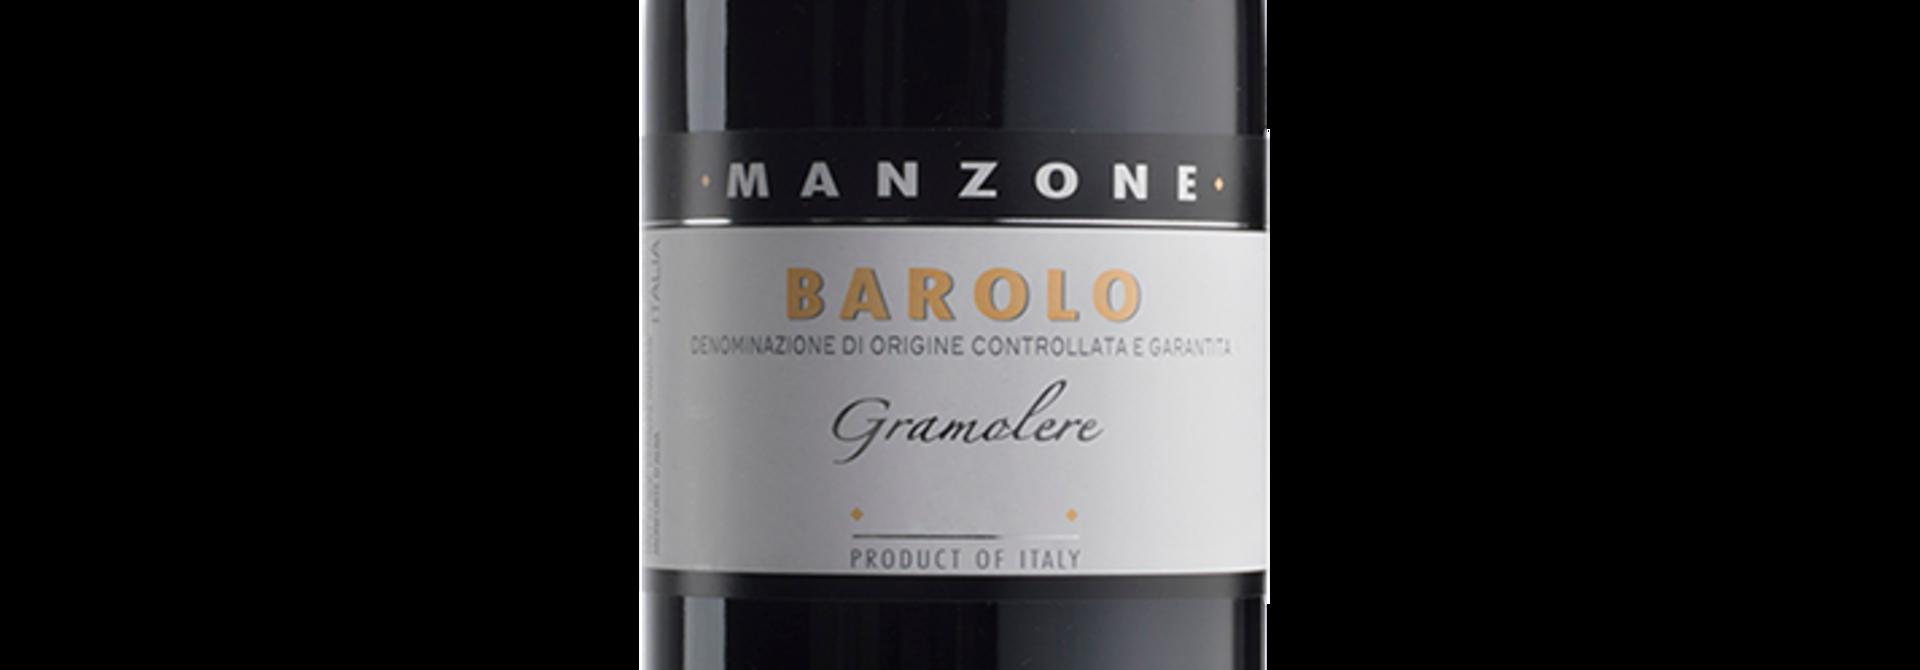 Barolo Gramolere 2015, Giovanni Manzone